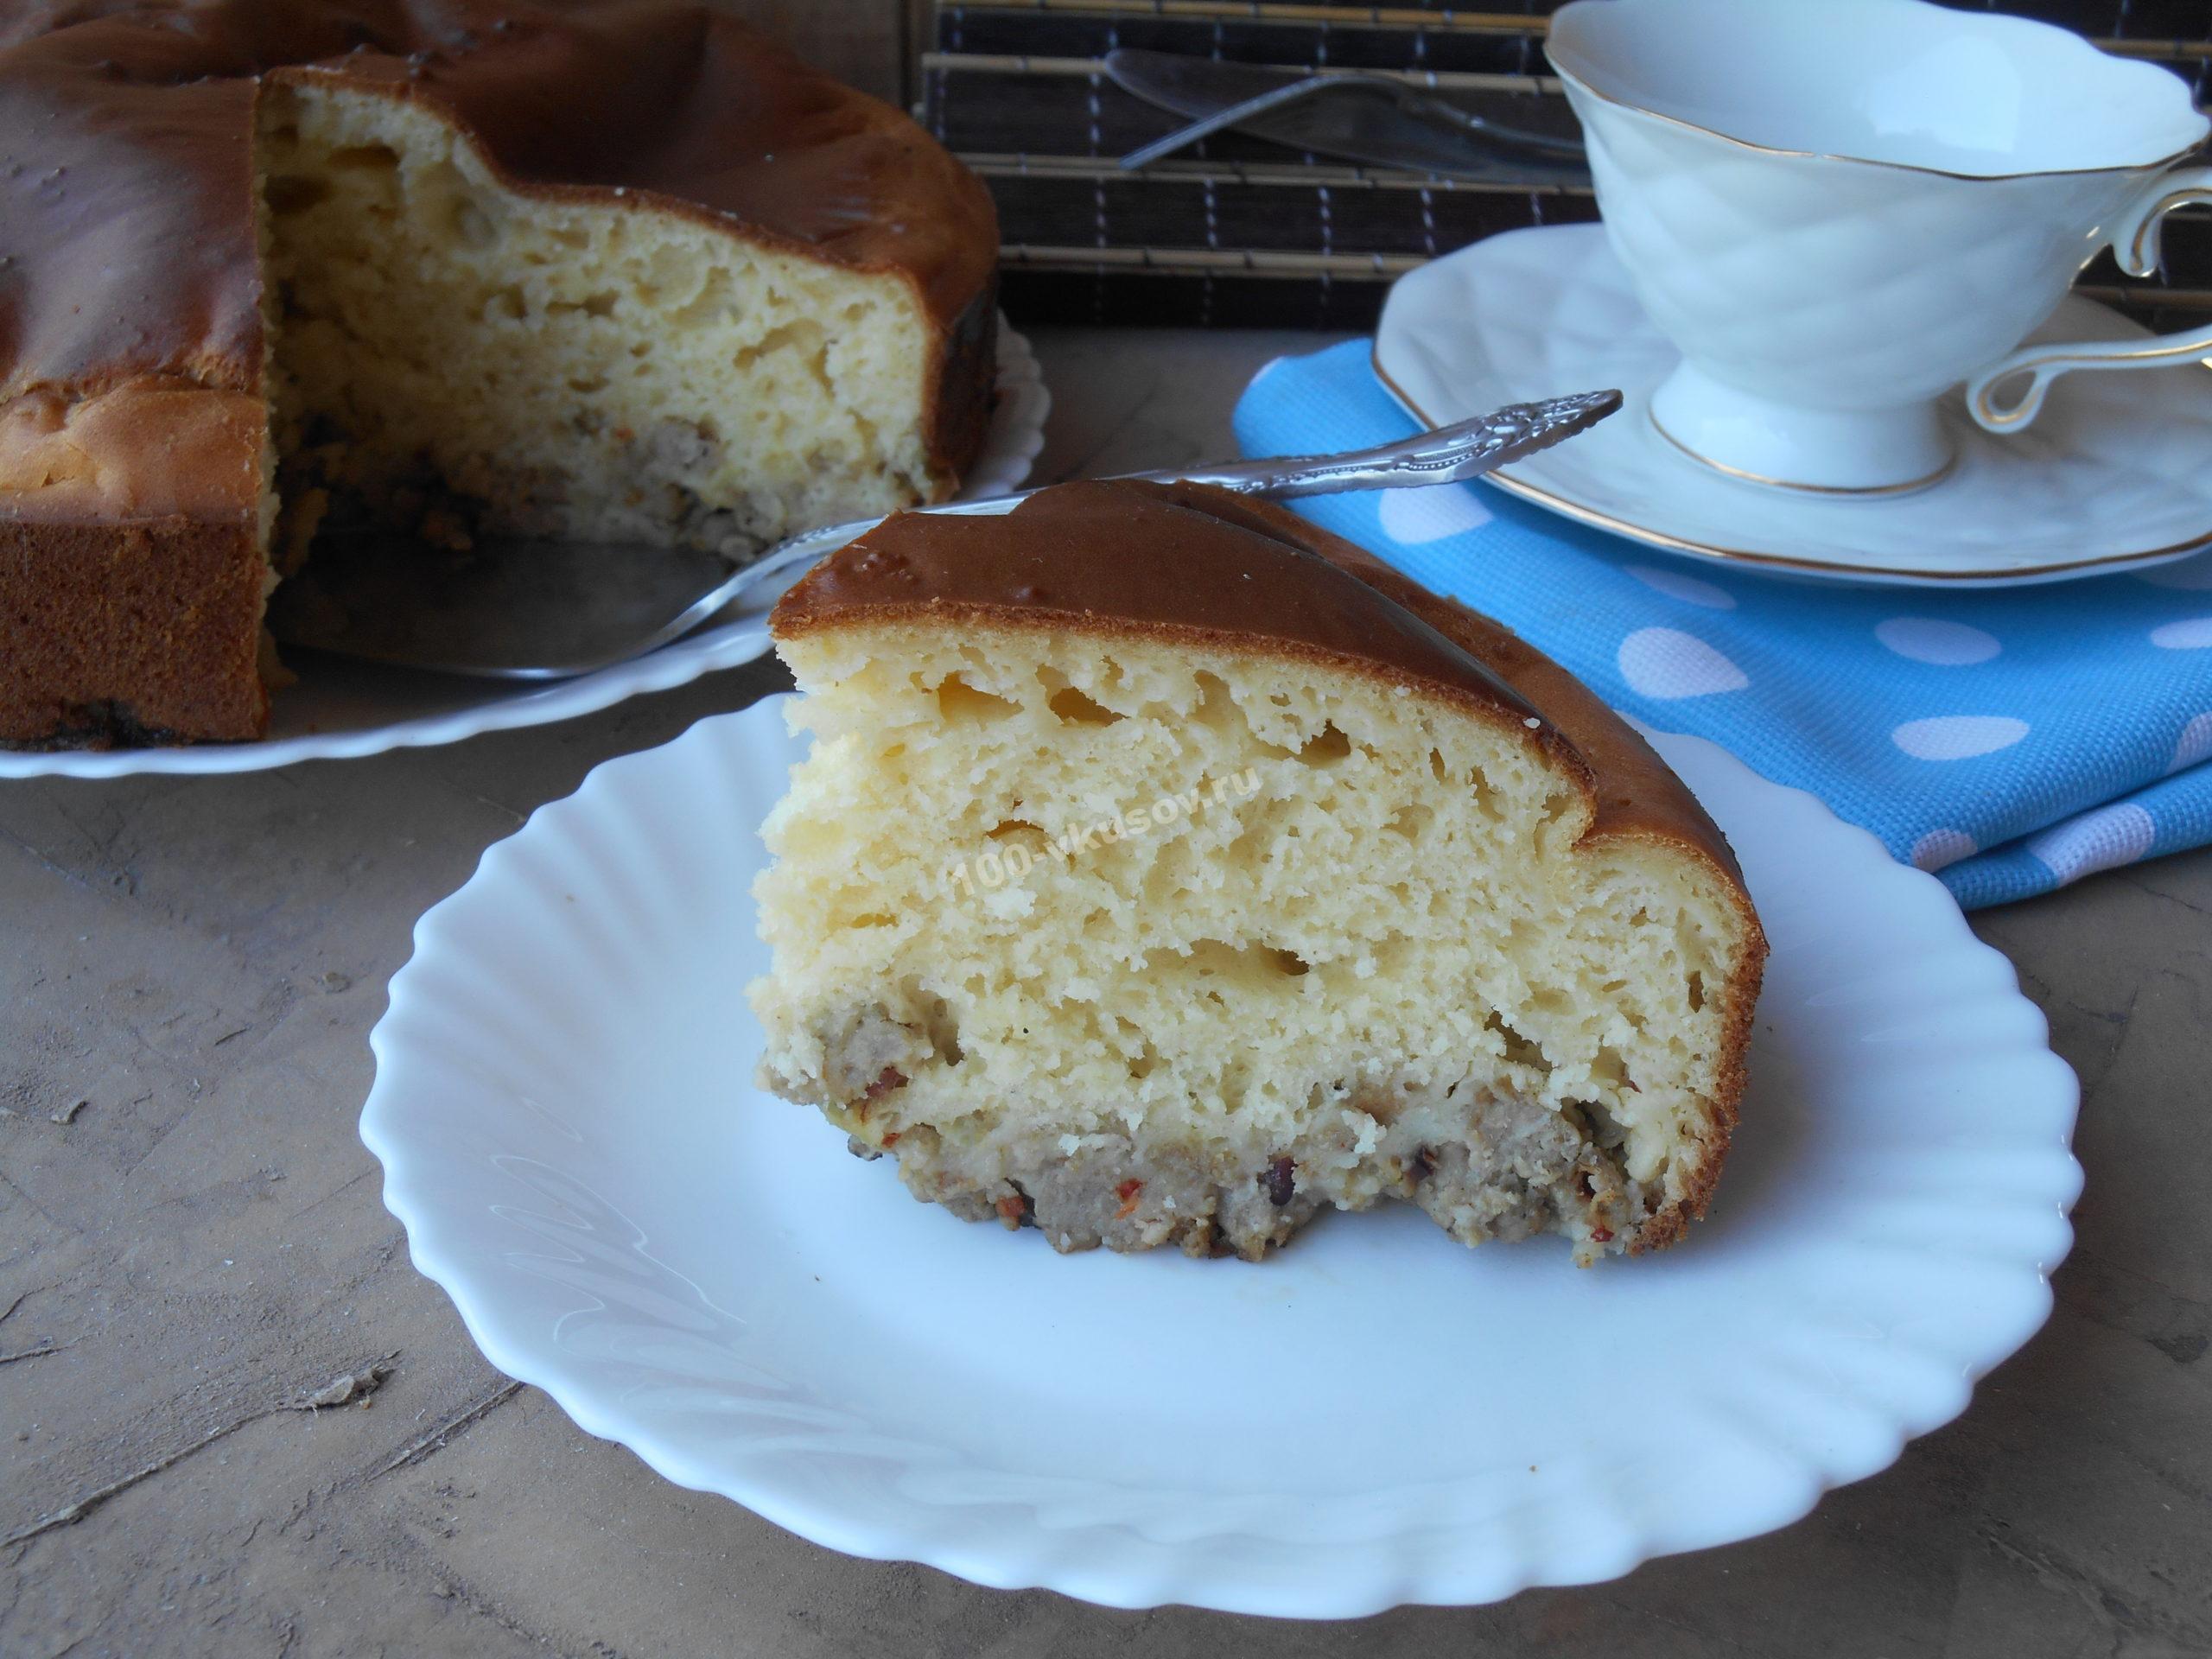 Порция пирога на тарелке